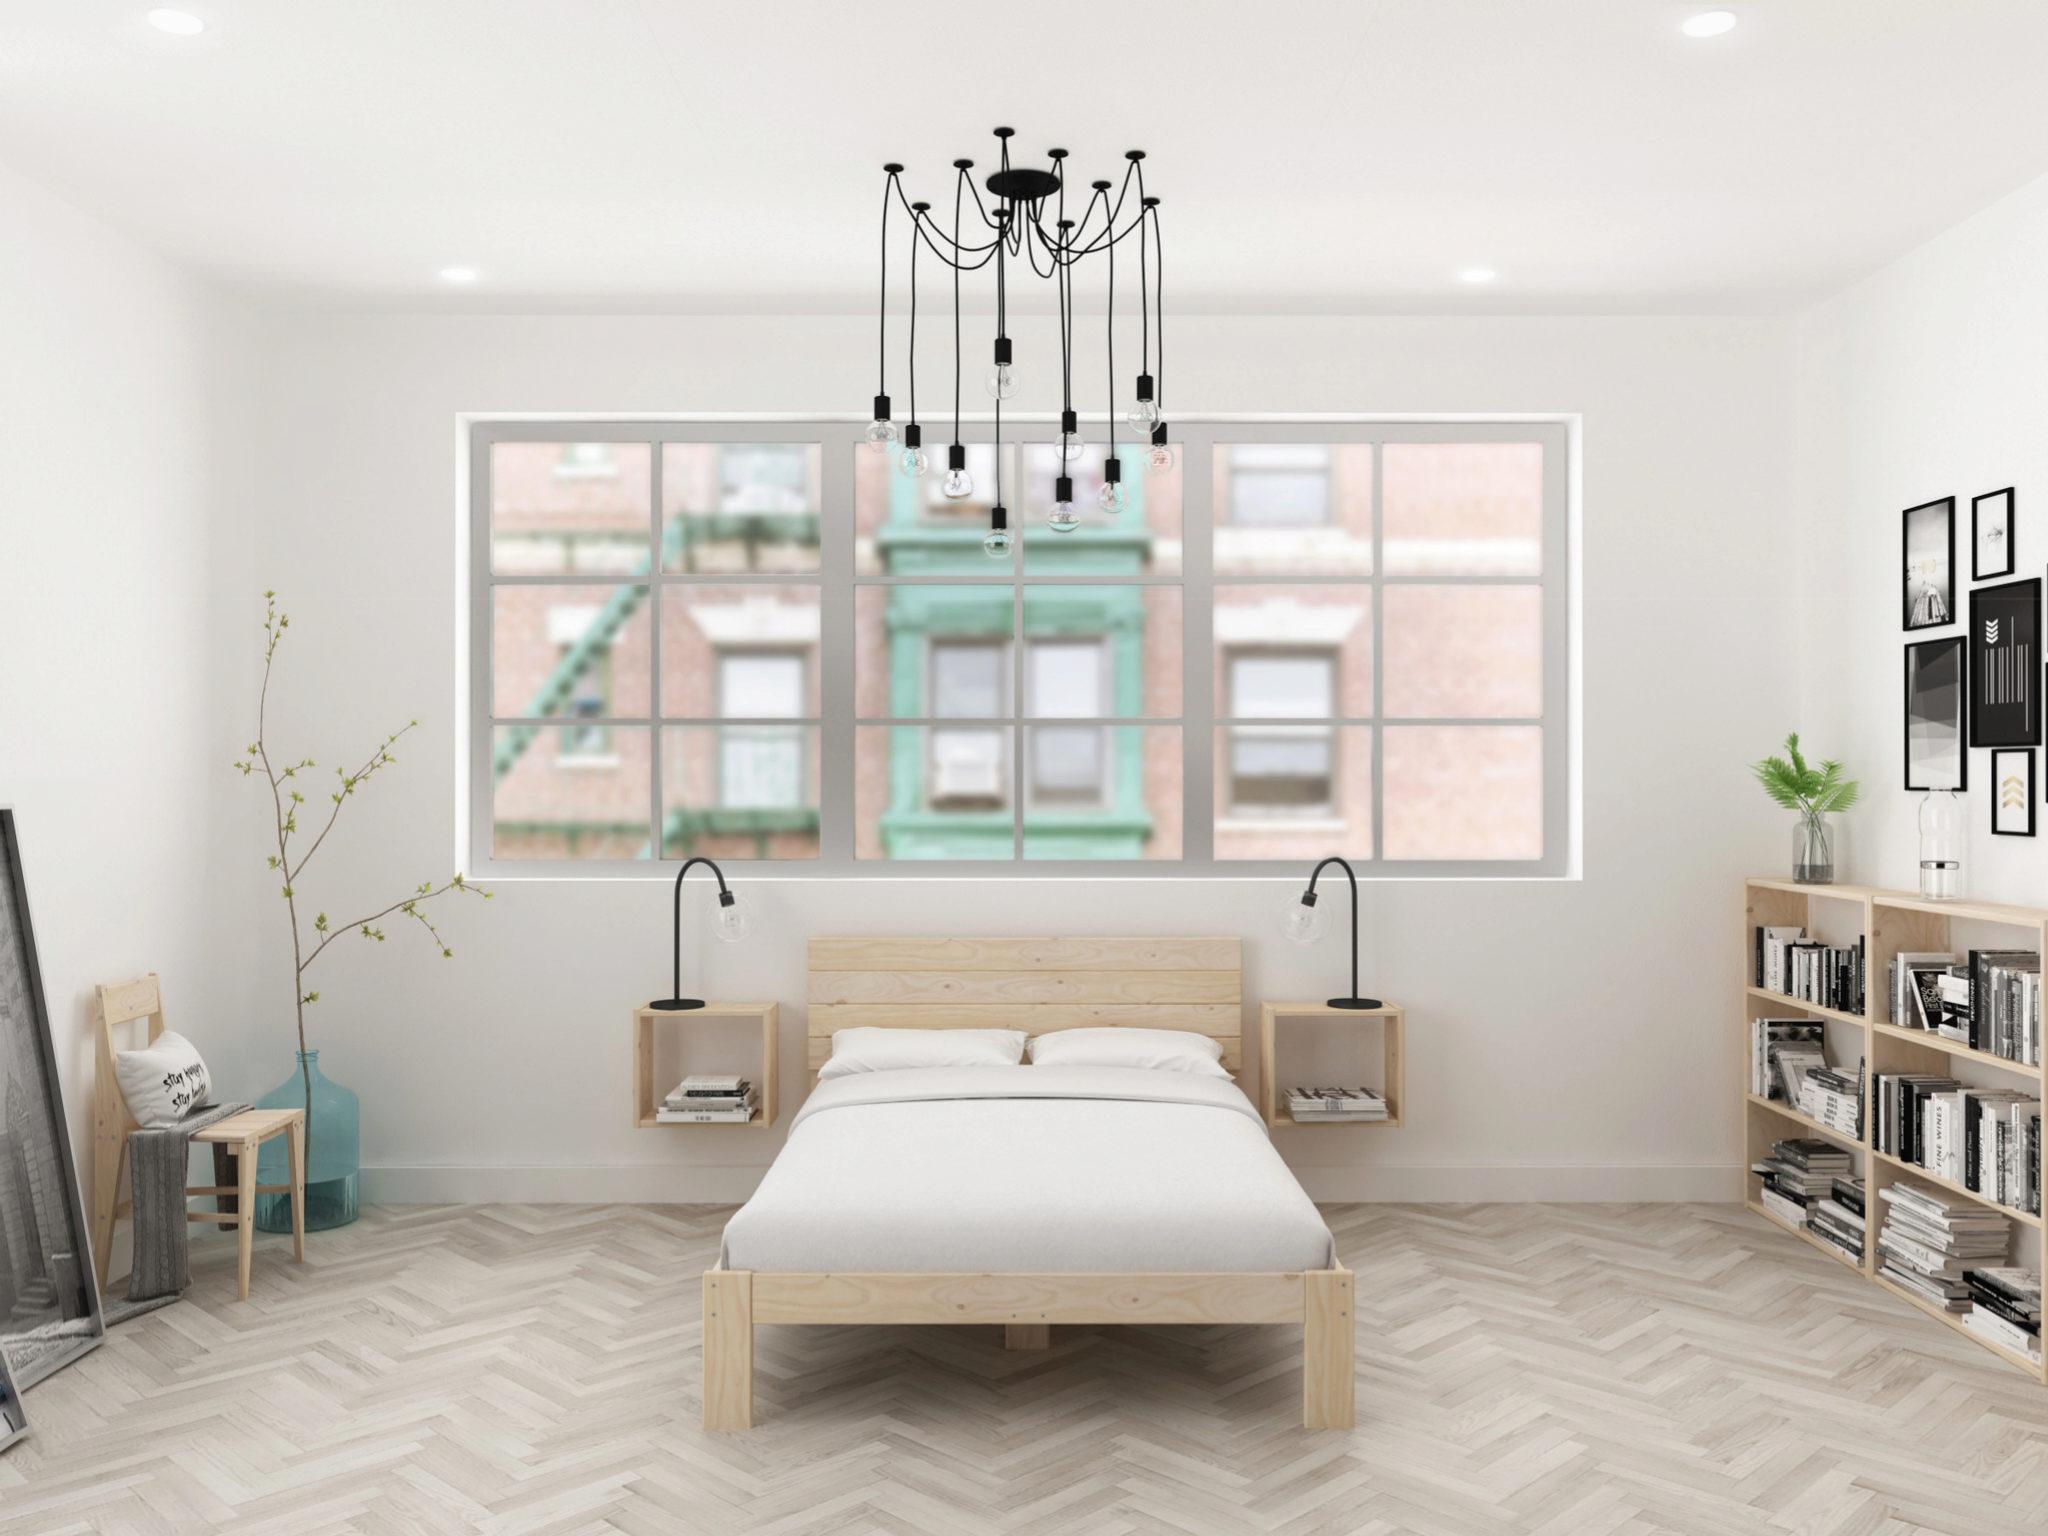 lufe muebles awesome dormitorio decorado con muebles de